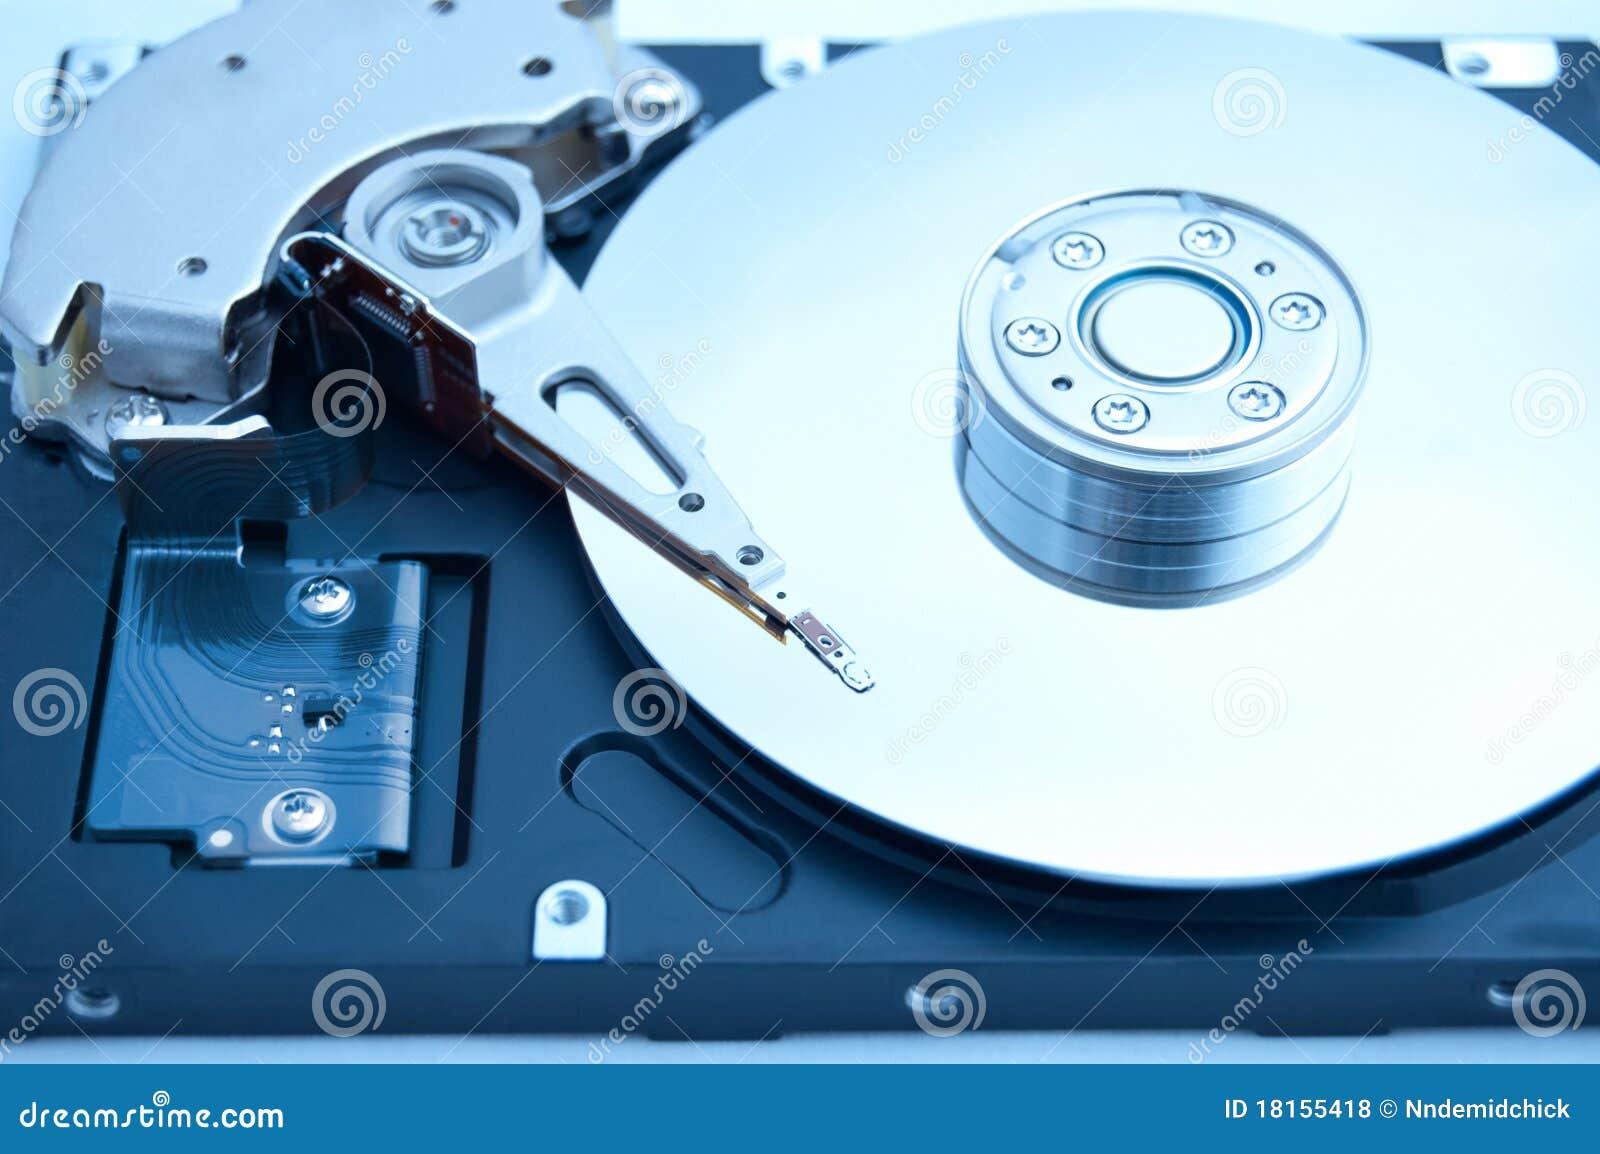 Innerhalb des Computers harddrive